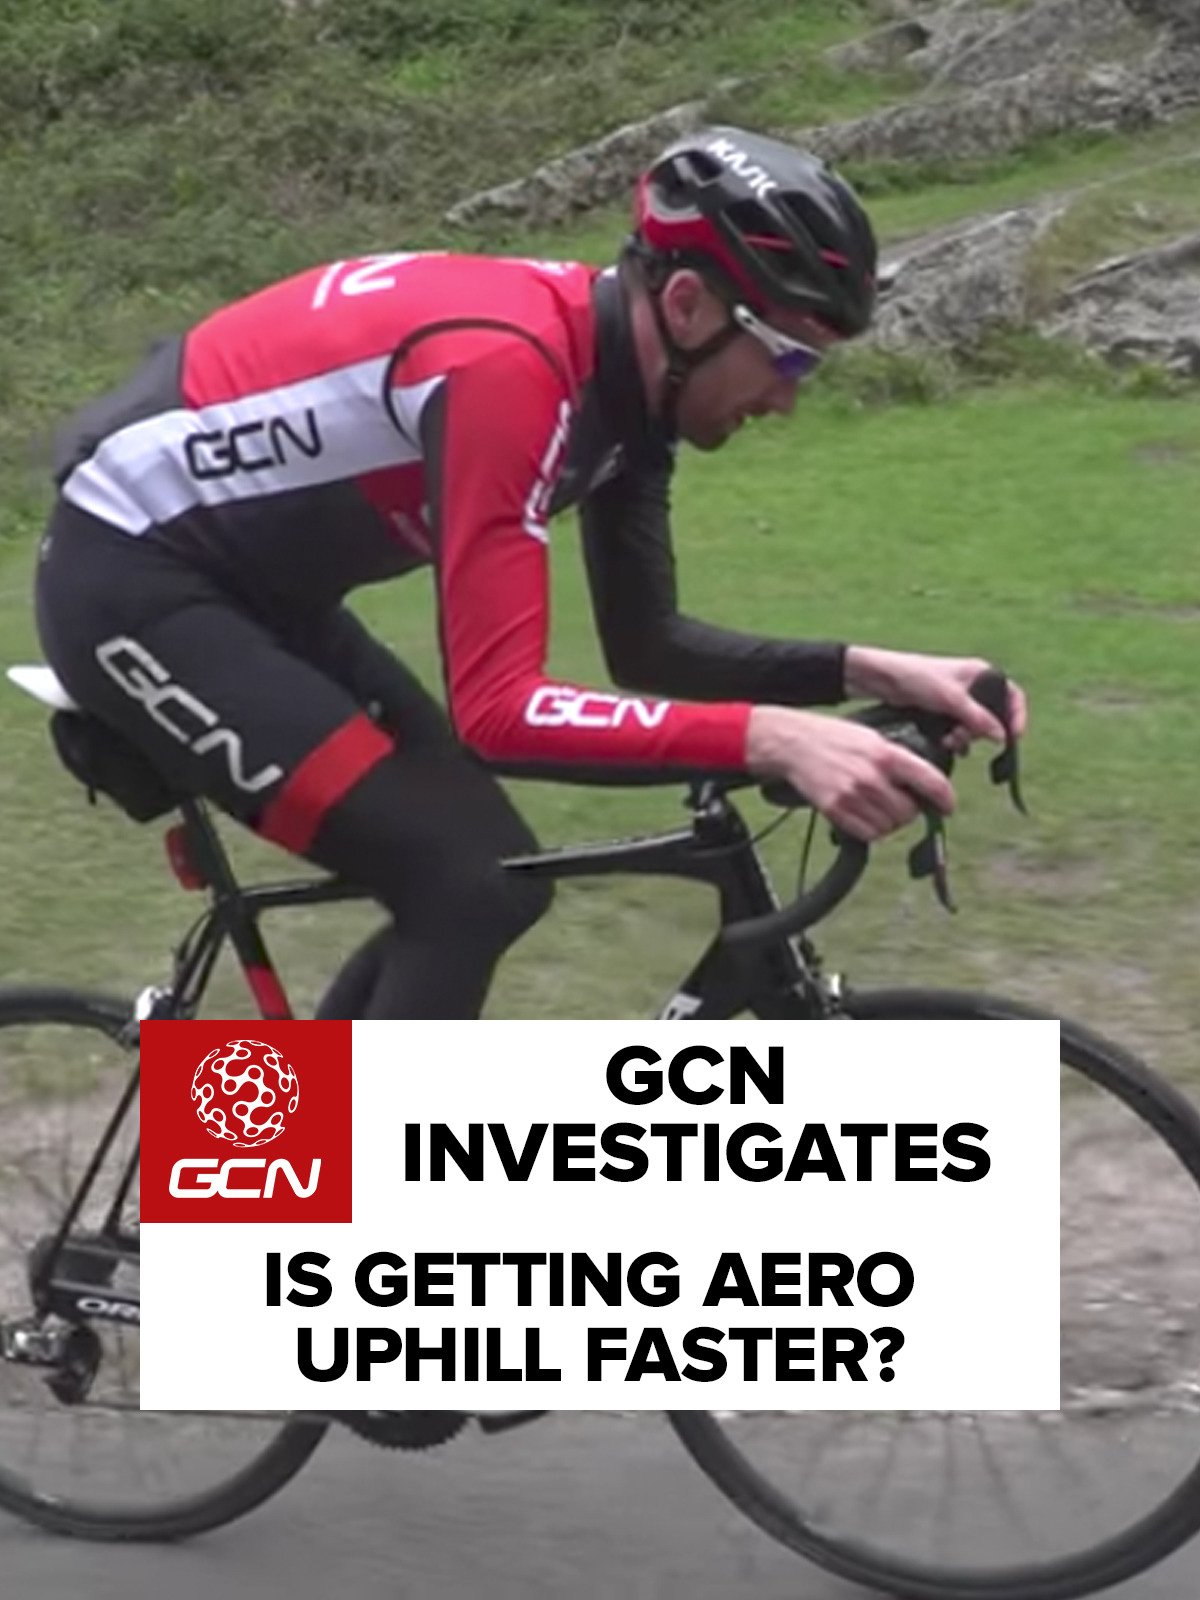 GCN Investigates